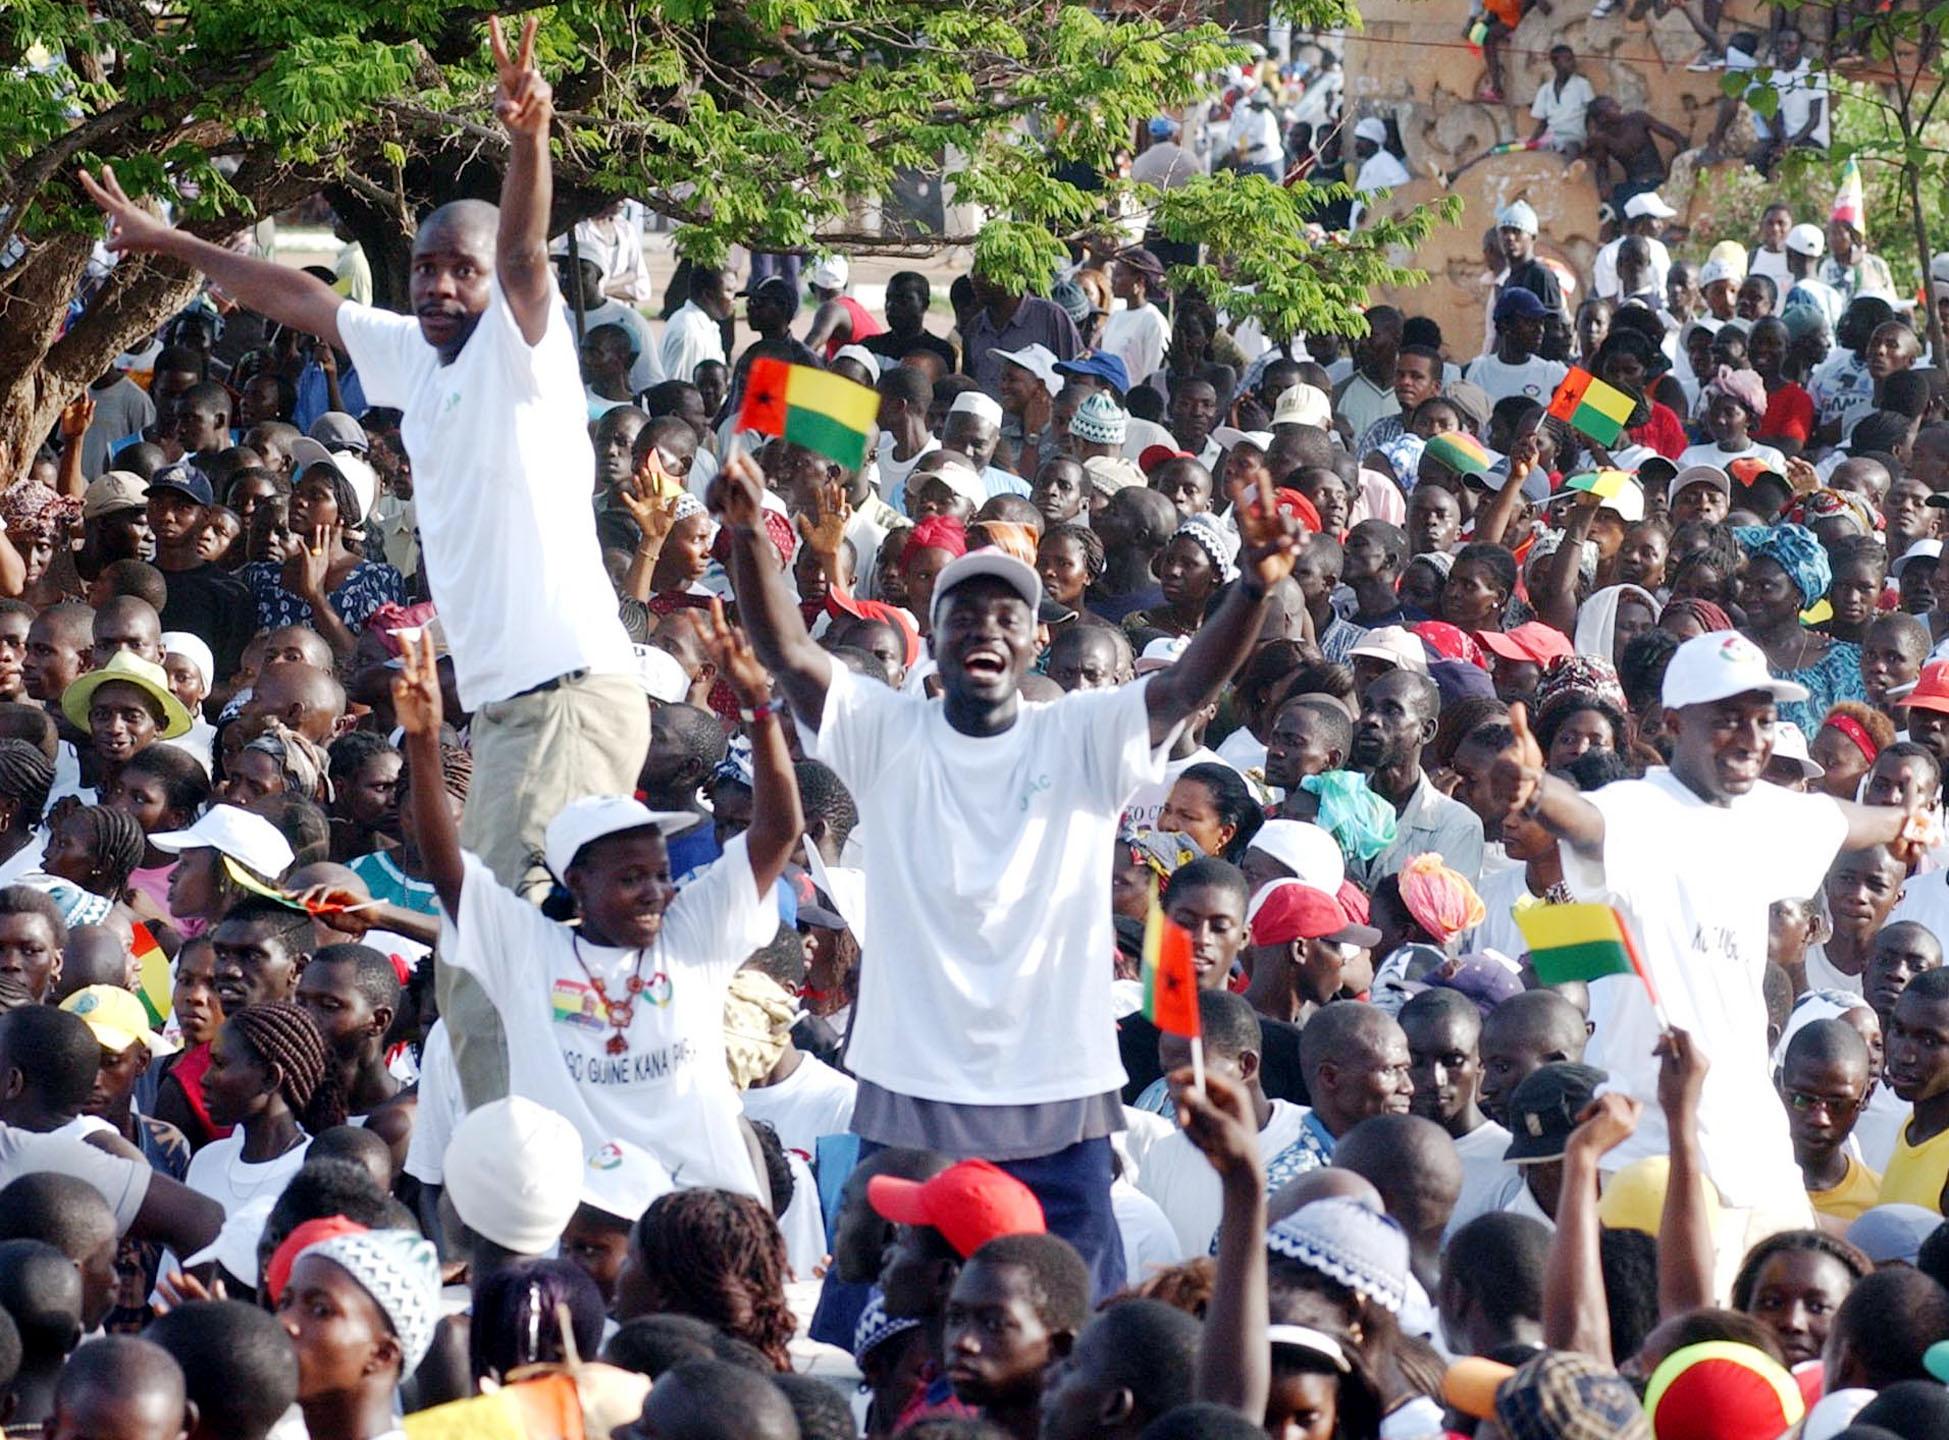 Autoridades guineenses cortam acesso a centro de Bissau para travar manifestantes